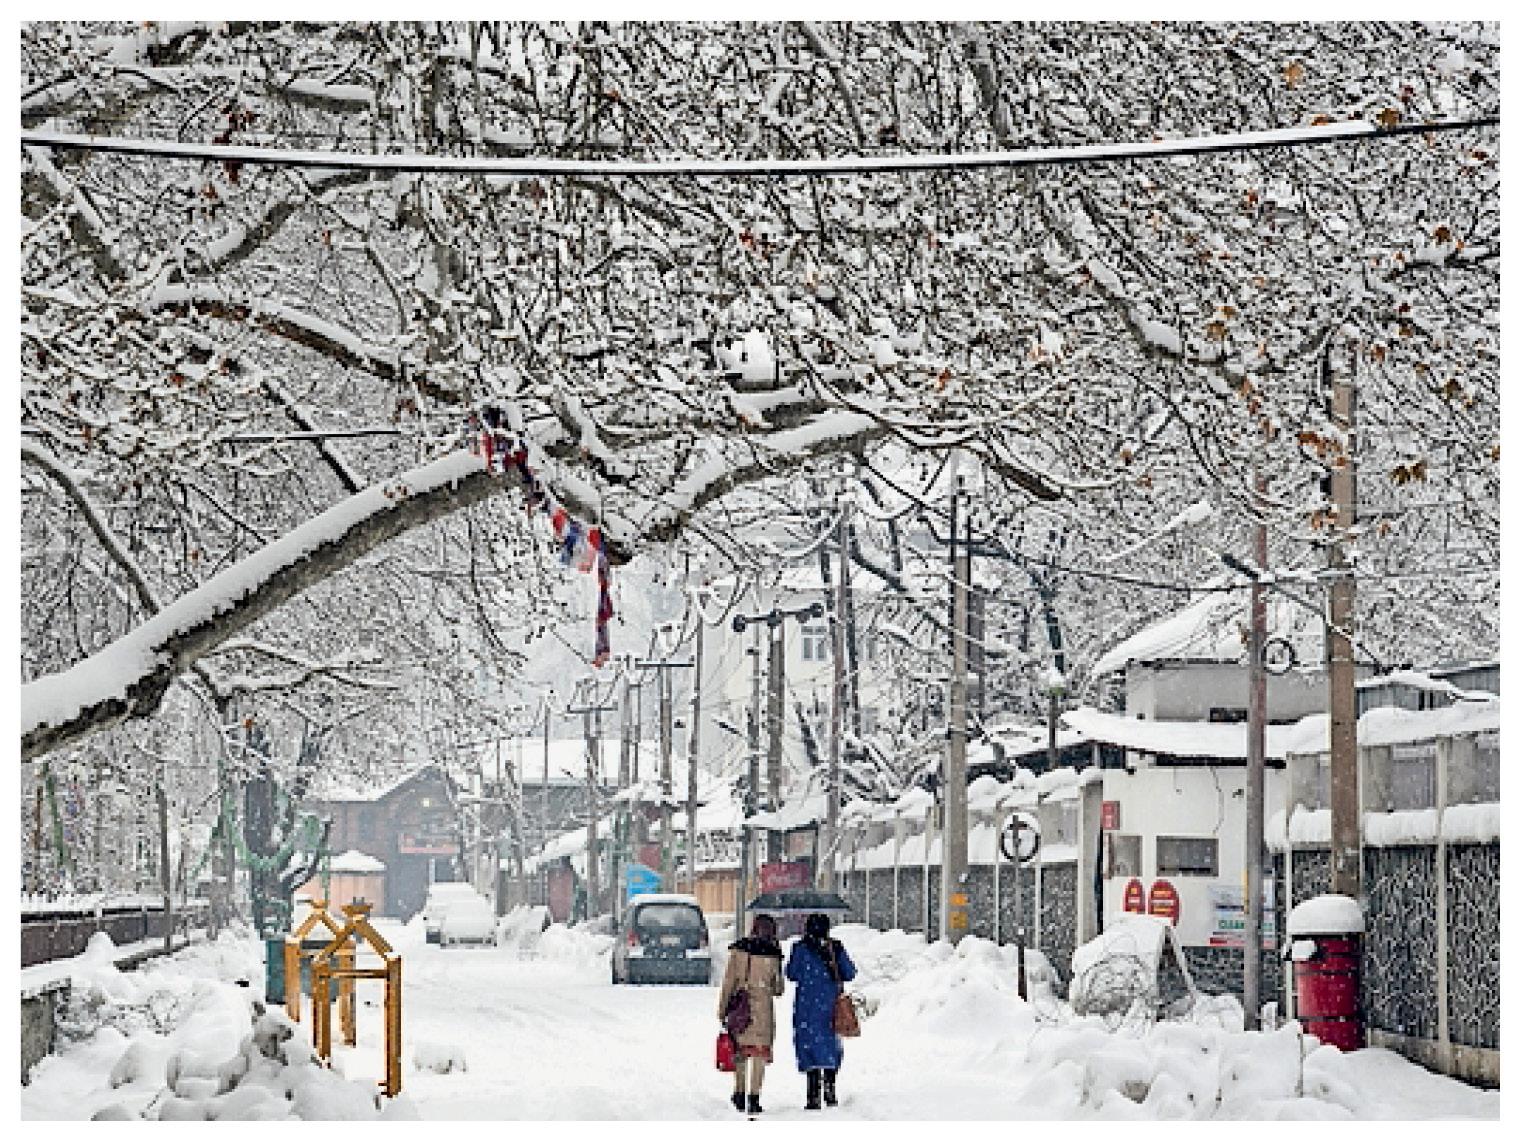 पहाड़ी इलाकों में 8 फीट तक बर्फ की चादर, 14 जनवरी सबसे सर्द दिन हो सकता है